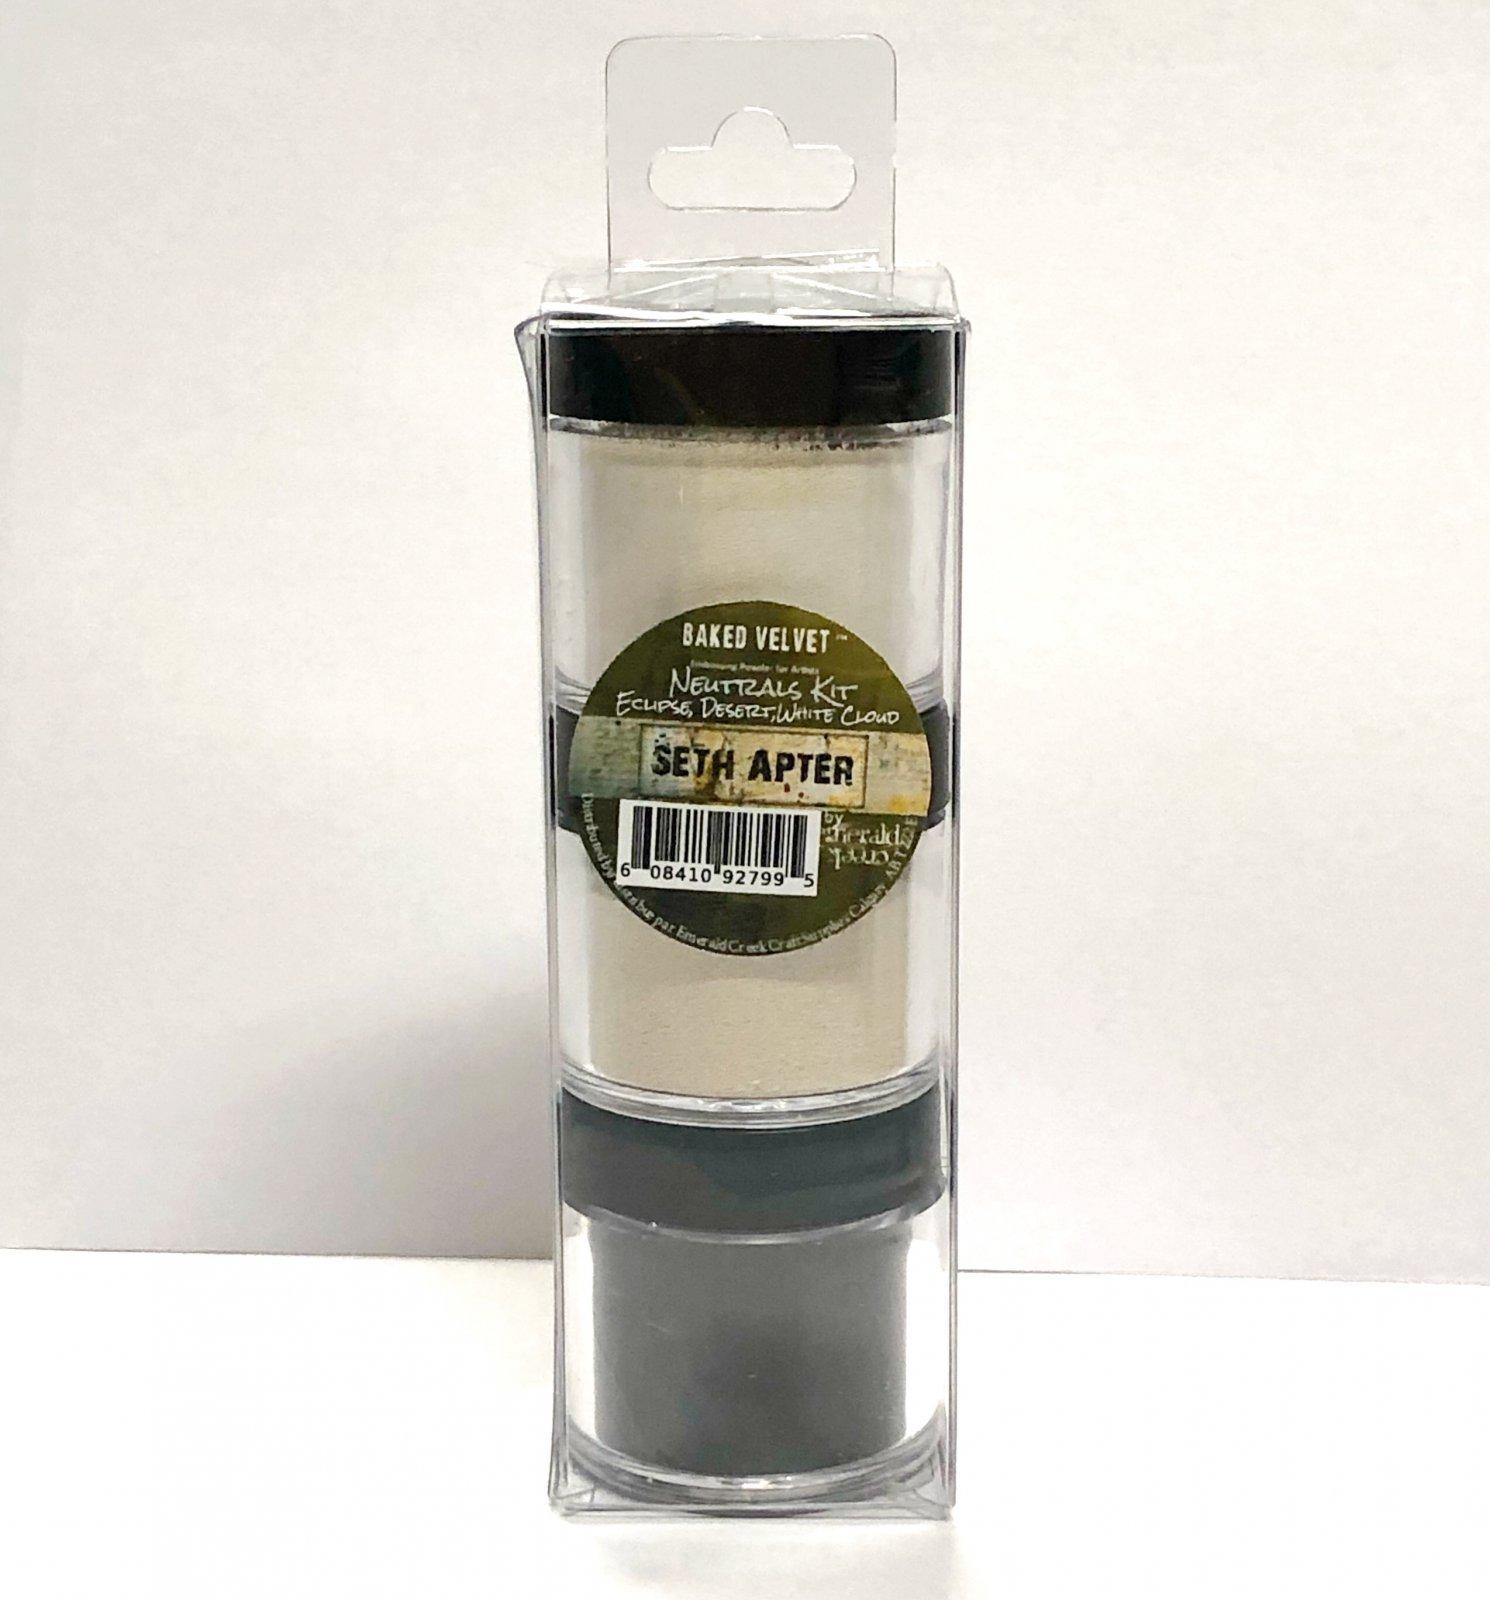 ^Emerald Creek - Baked Velvet - Neutrals Kit Embossing Powder